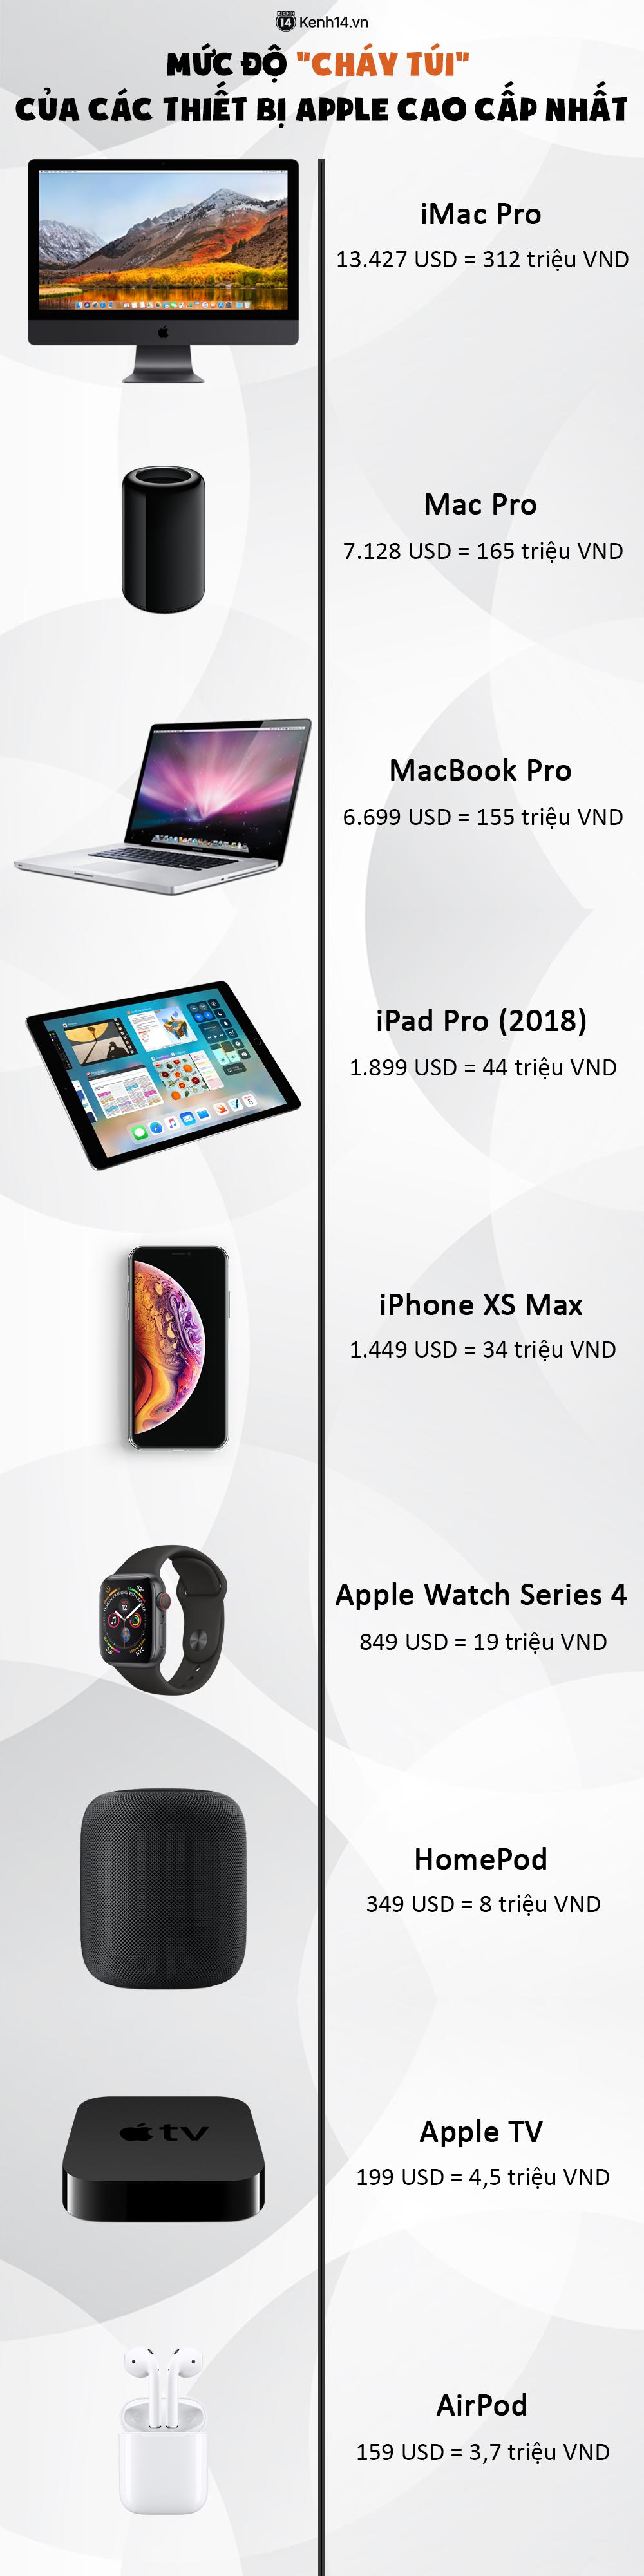 Choáng váng với số tiền bỏ ra cho rich kid cuồng đồ Apple: Đủ vốn